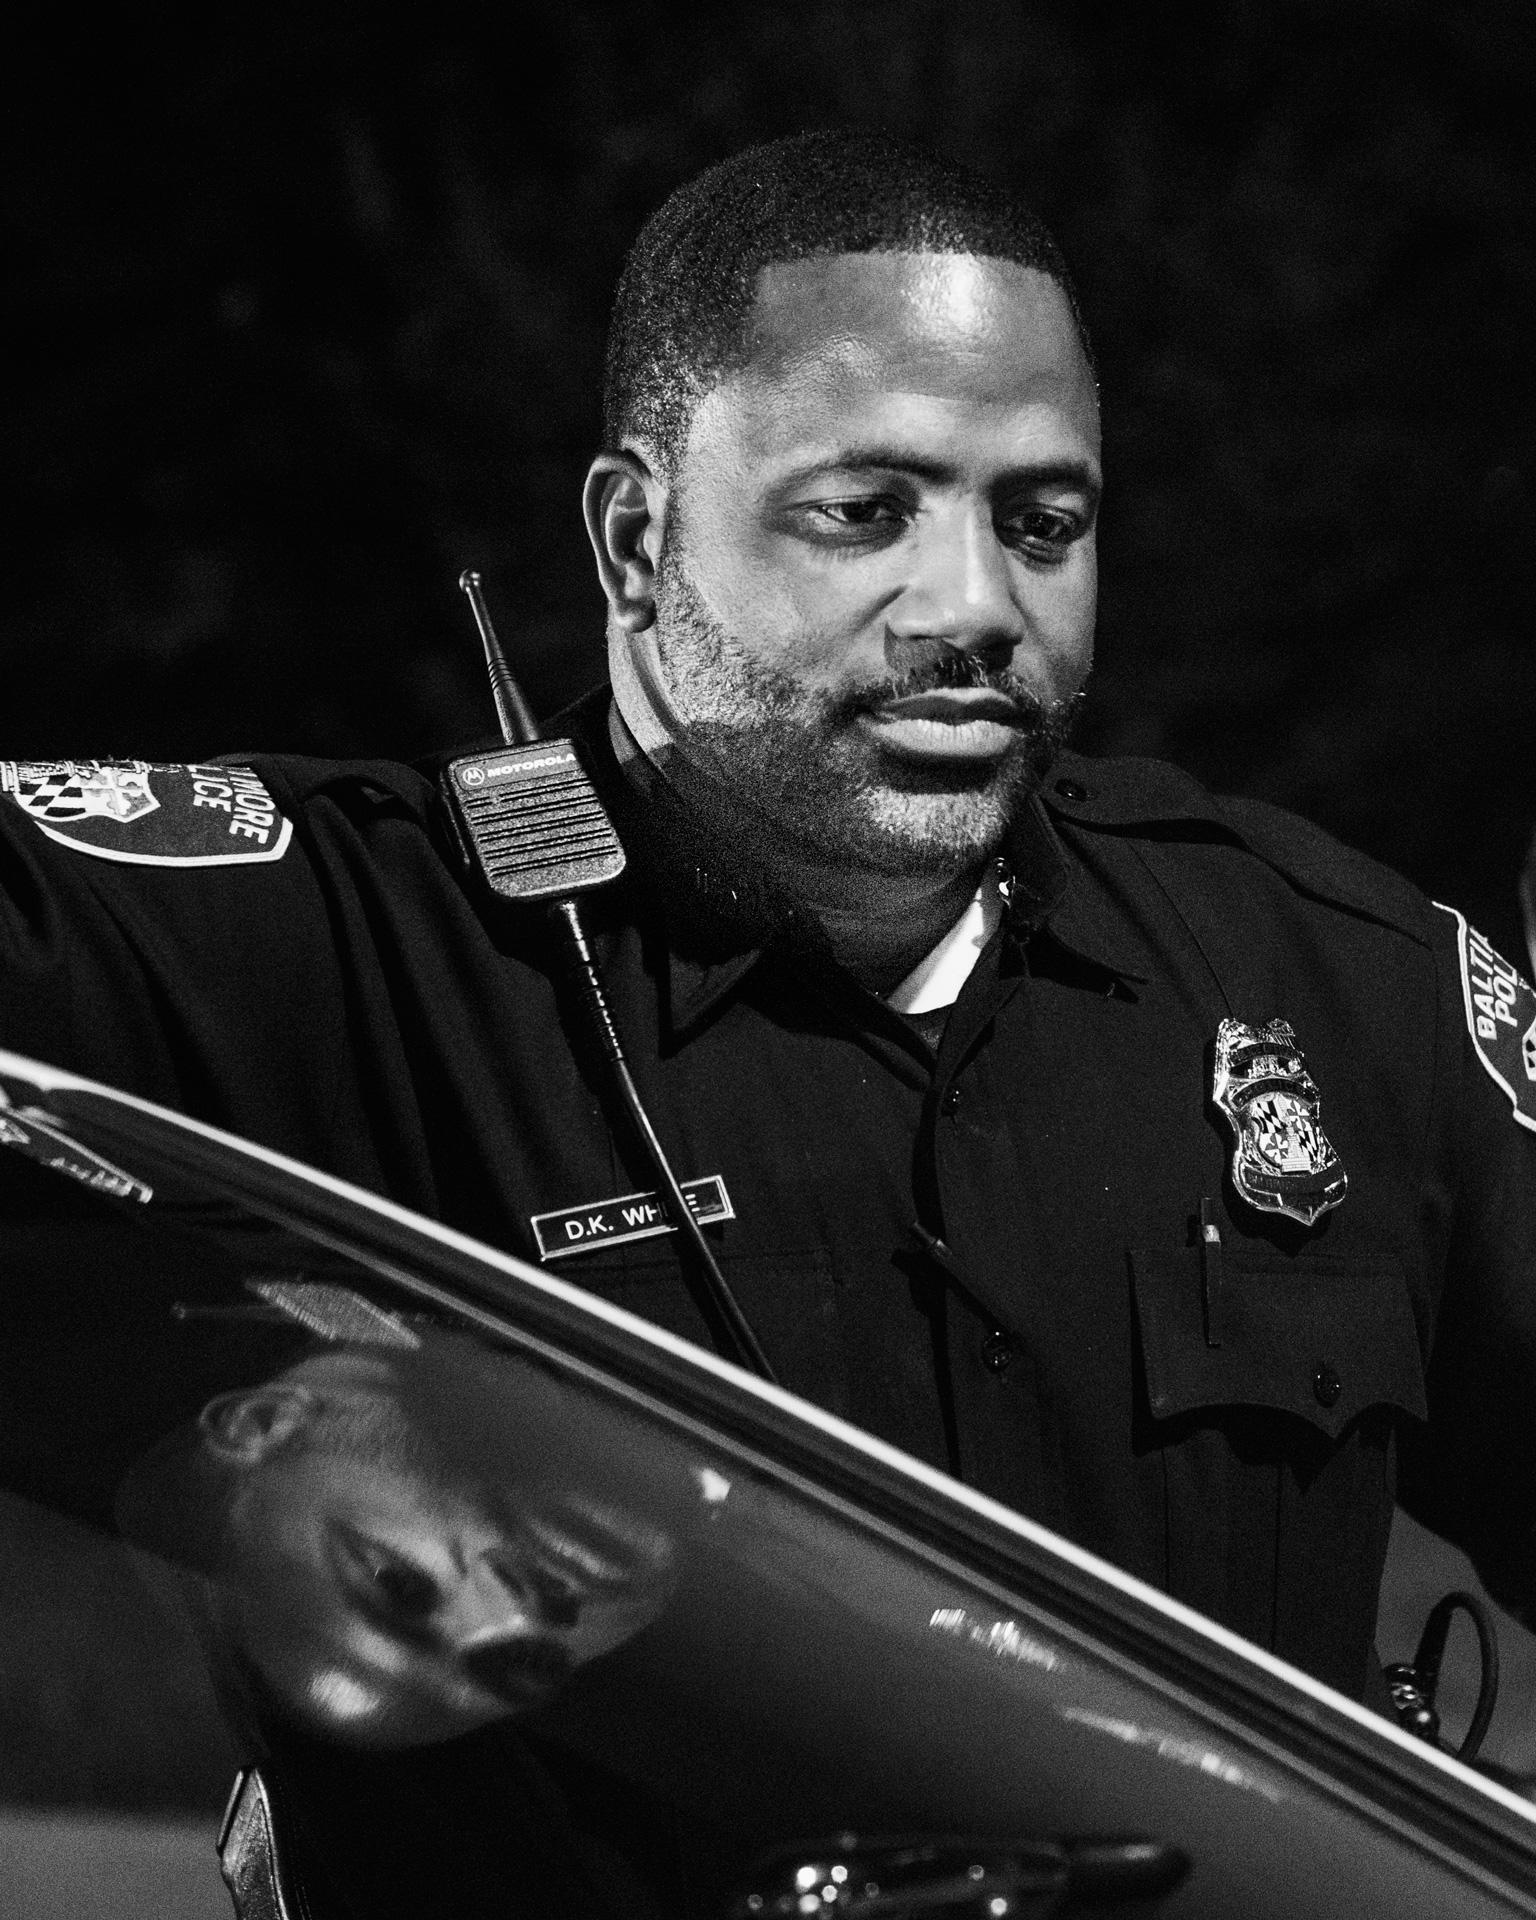 Officer D.K. White  BPD, Western District 2015